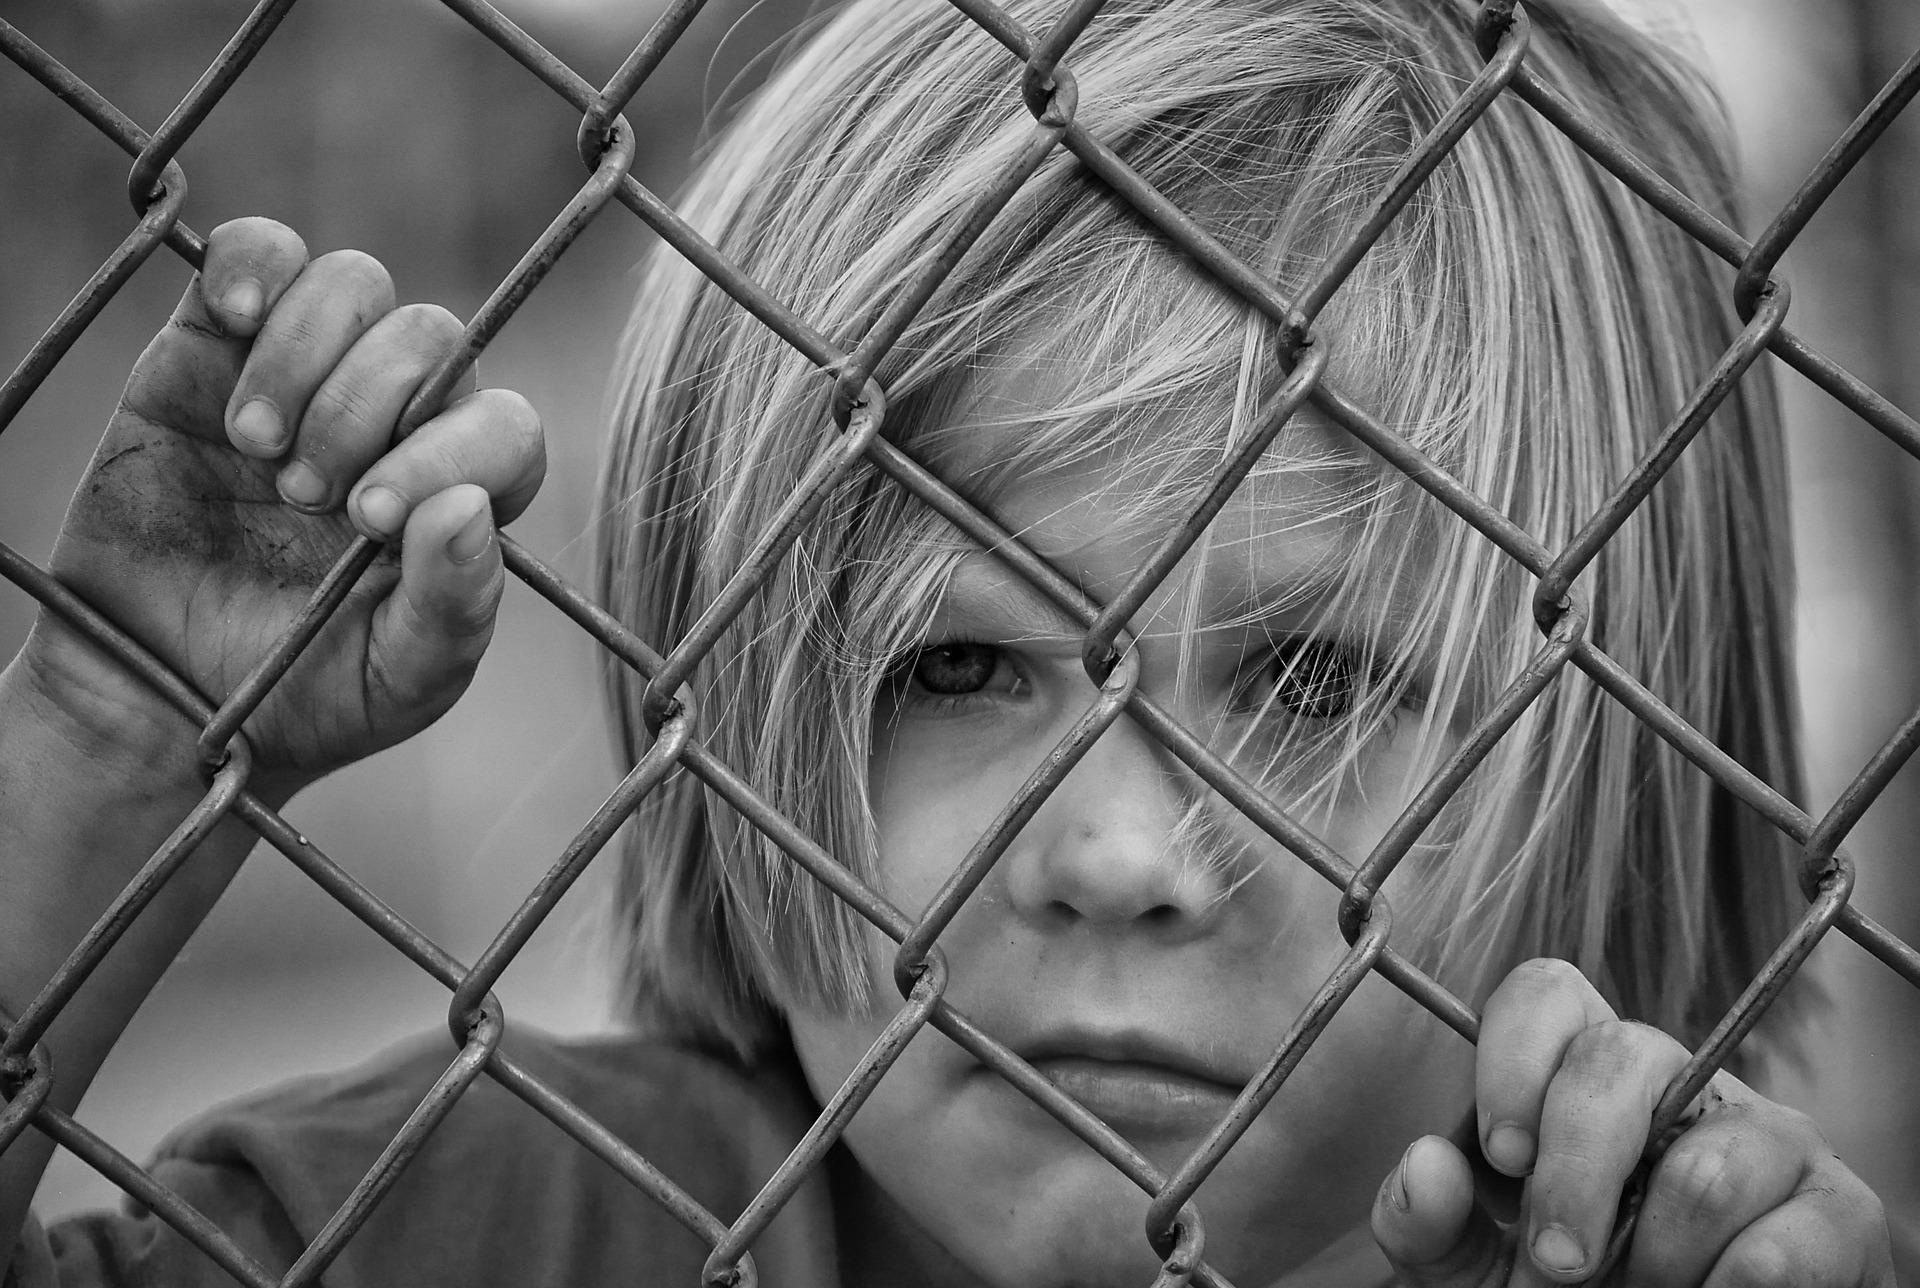 Warsztaty dziecko krzywdzone